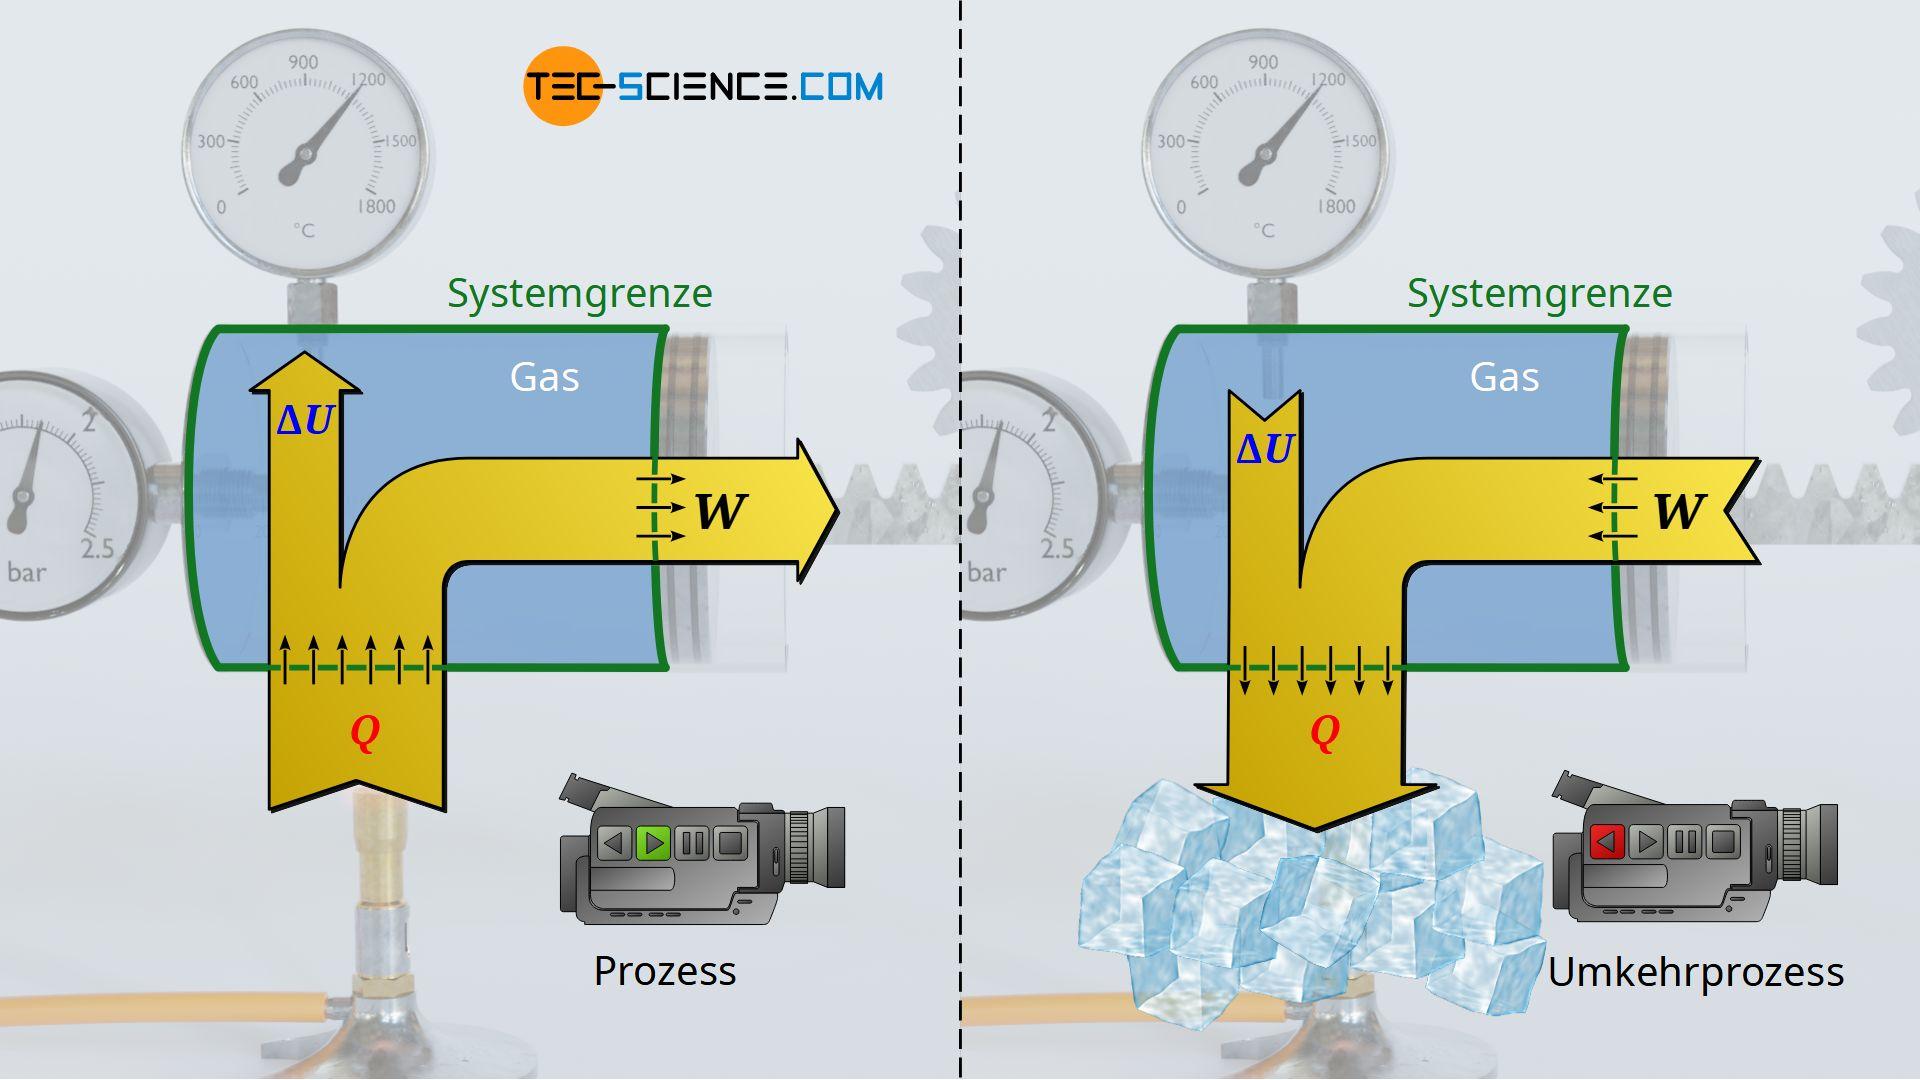 Anheben eines Gewichtes unter Wärmezufuhr / Absenken eines Gewichtes unter Wärmeabfuhr